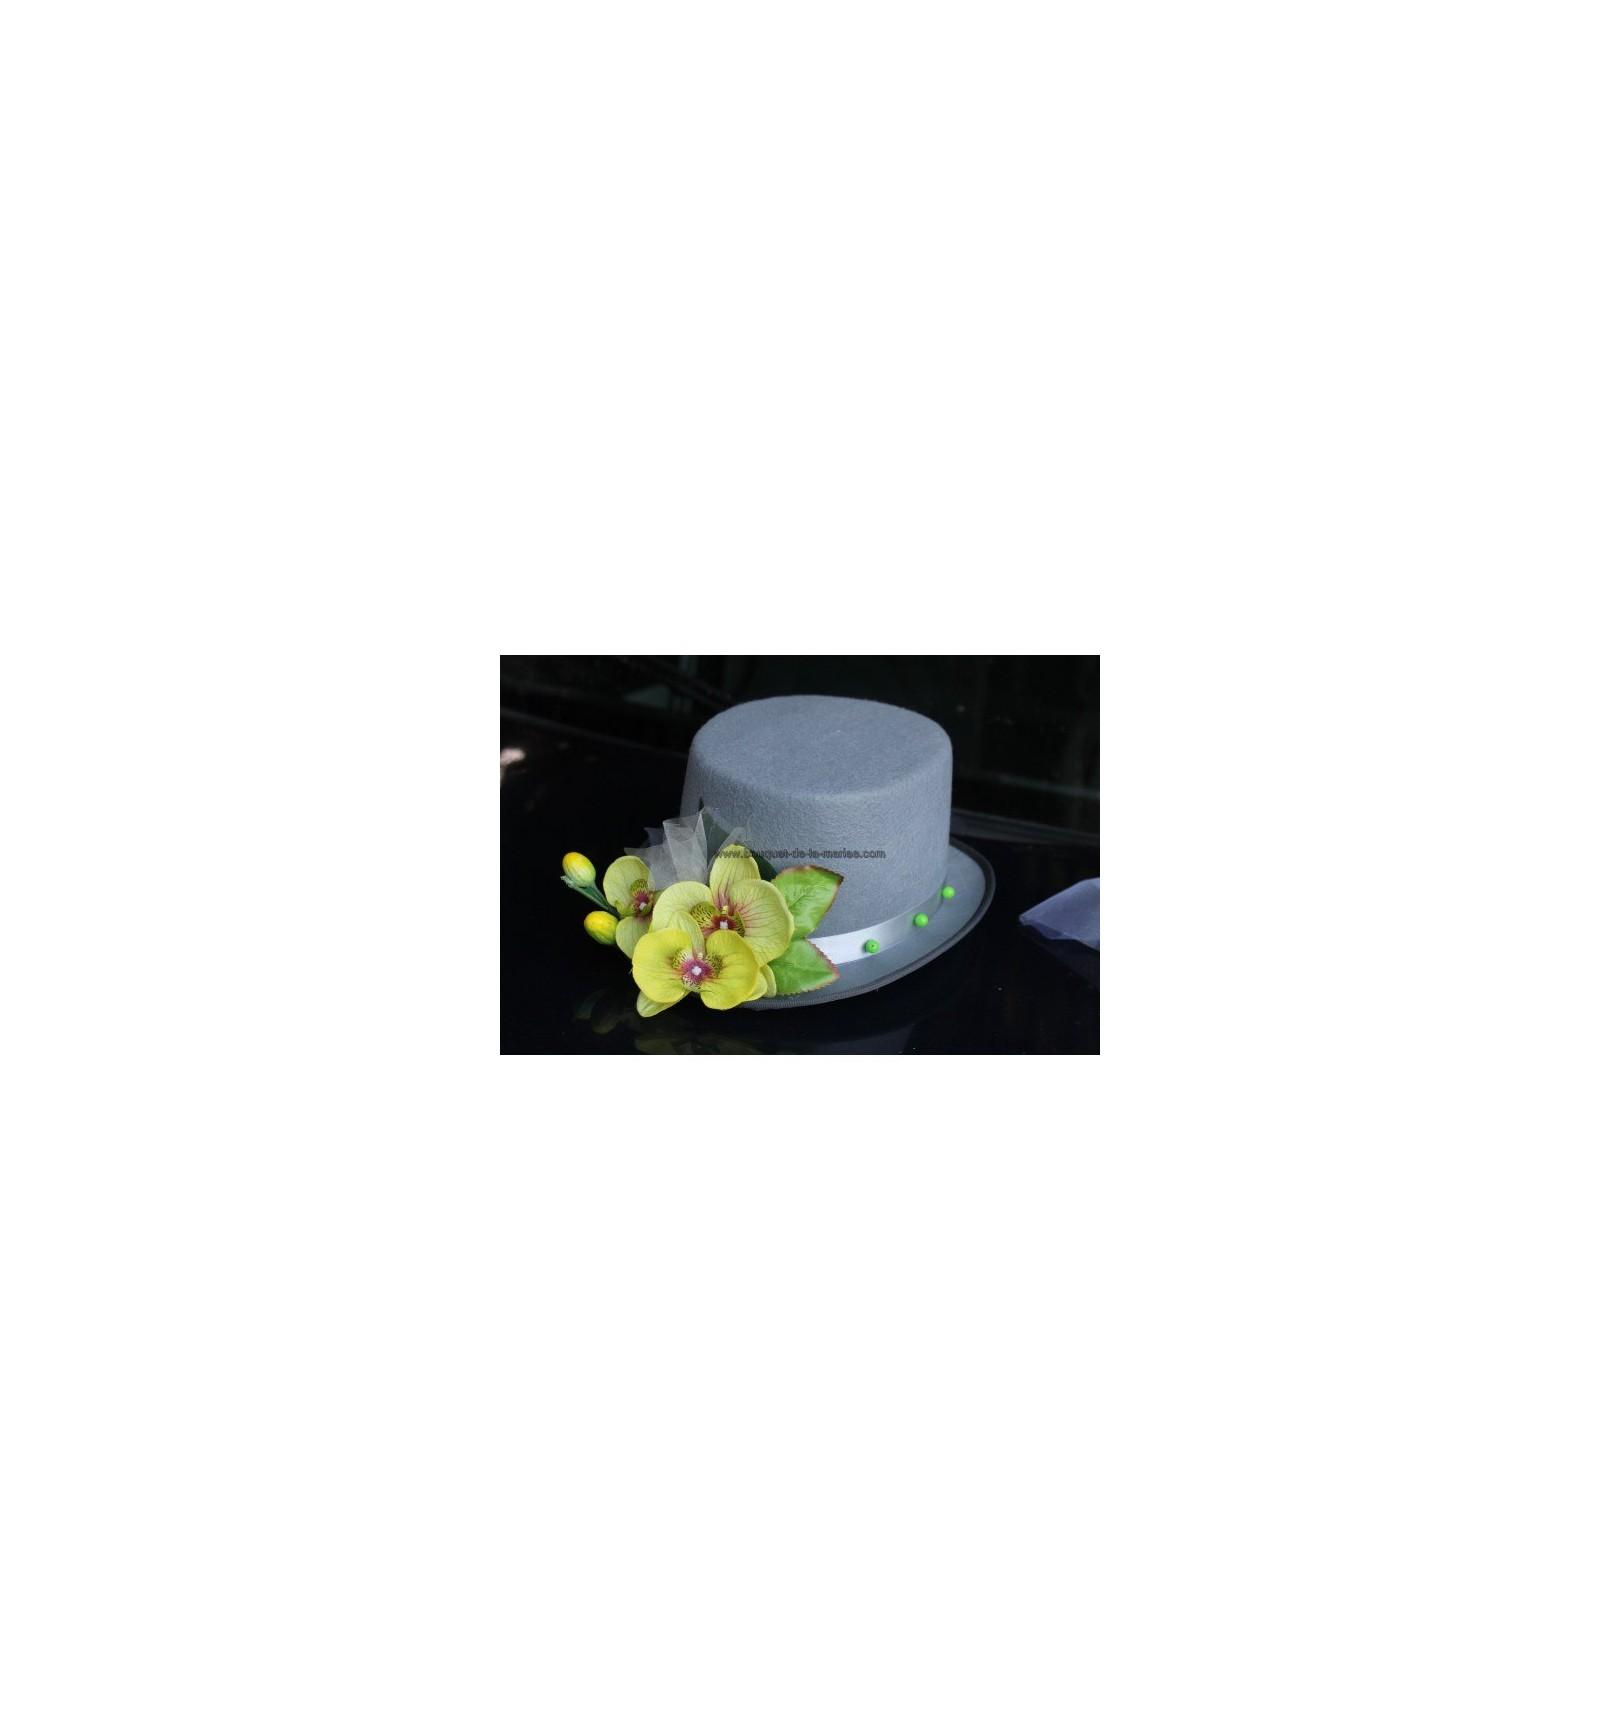 D coration voiture mariage orchid es et c urs gris et vert - Vert anis et gris ...